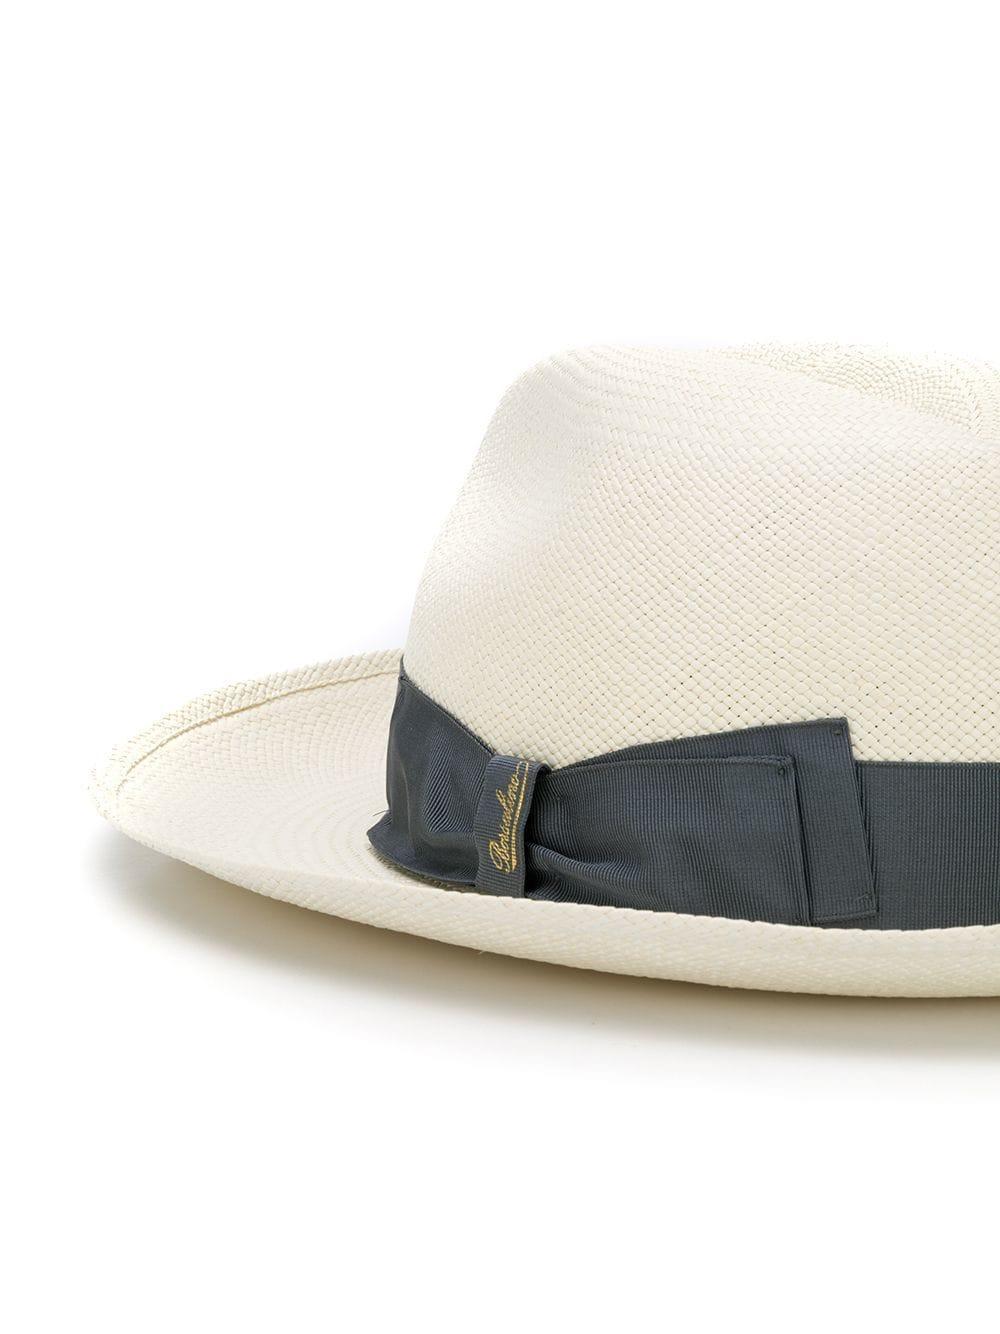 Sombrero con ala levantada - neutro 50928cff9b8